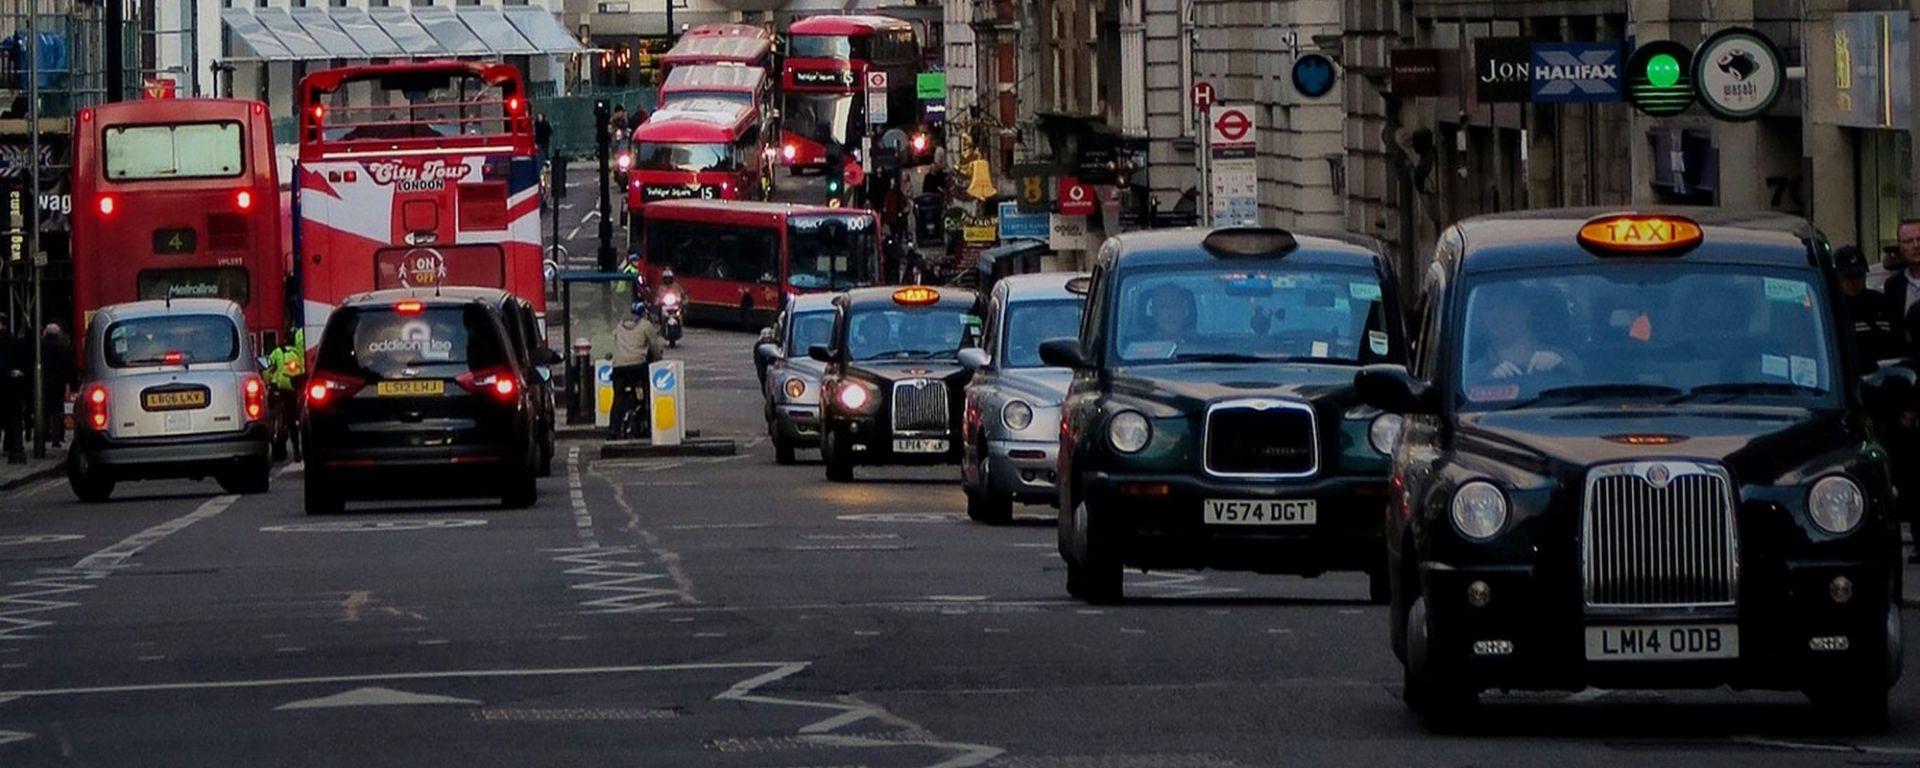 Londra, la guida autonoma dovrà aspettare